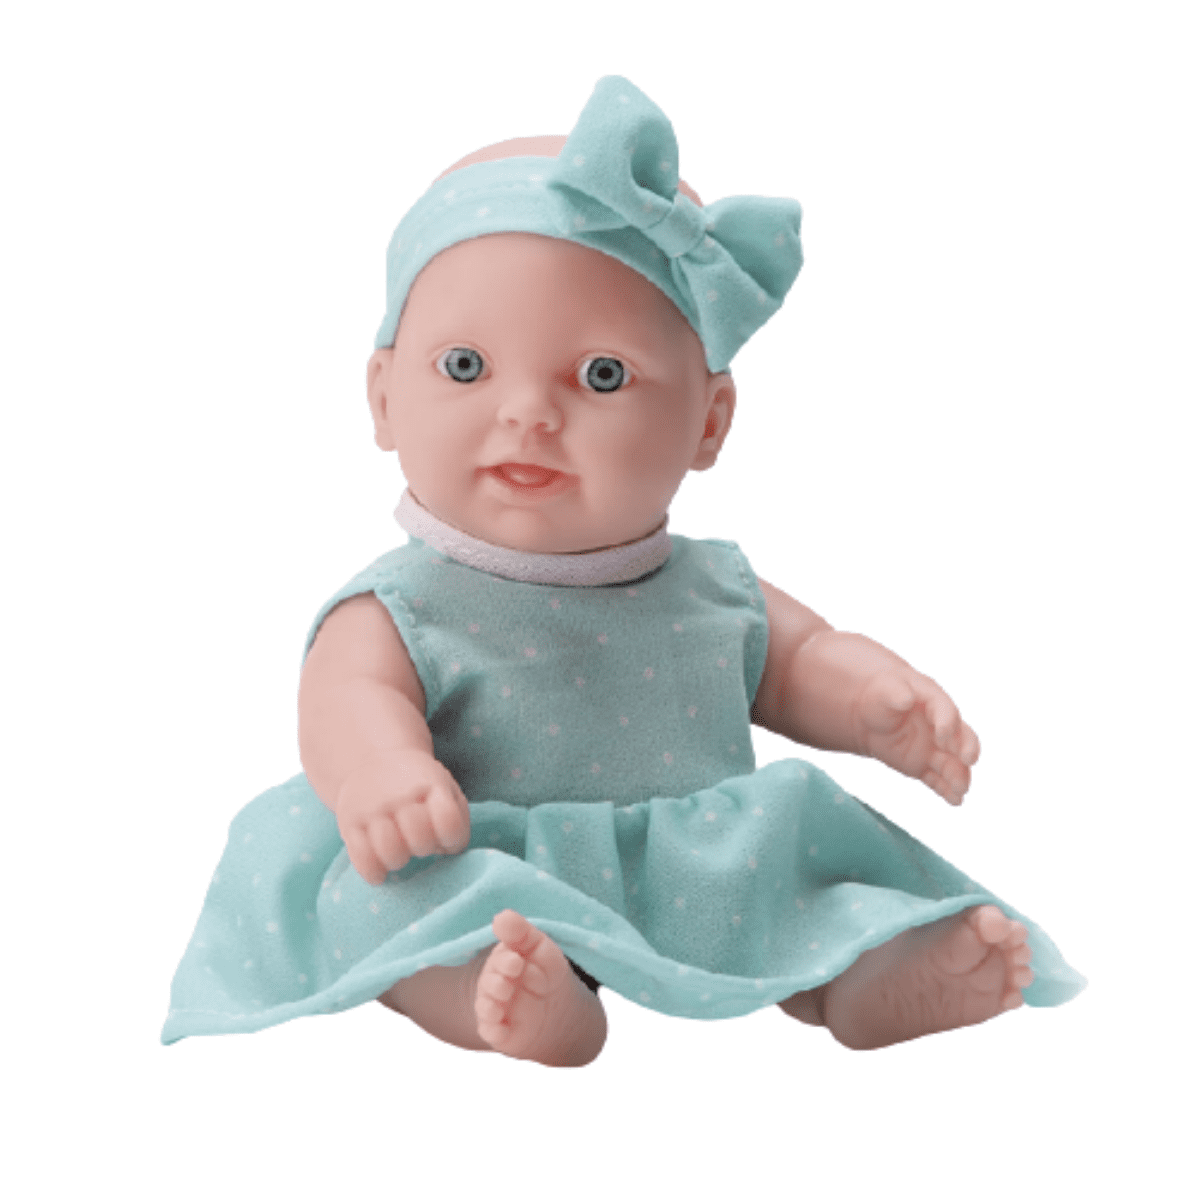 Boneca Médica Toots Baby Dodói Com Acessórios - Bambola